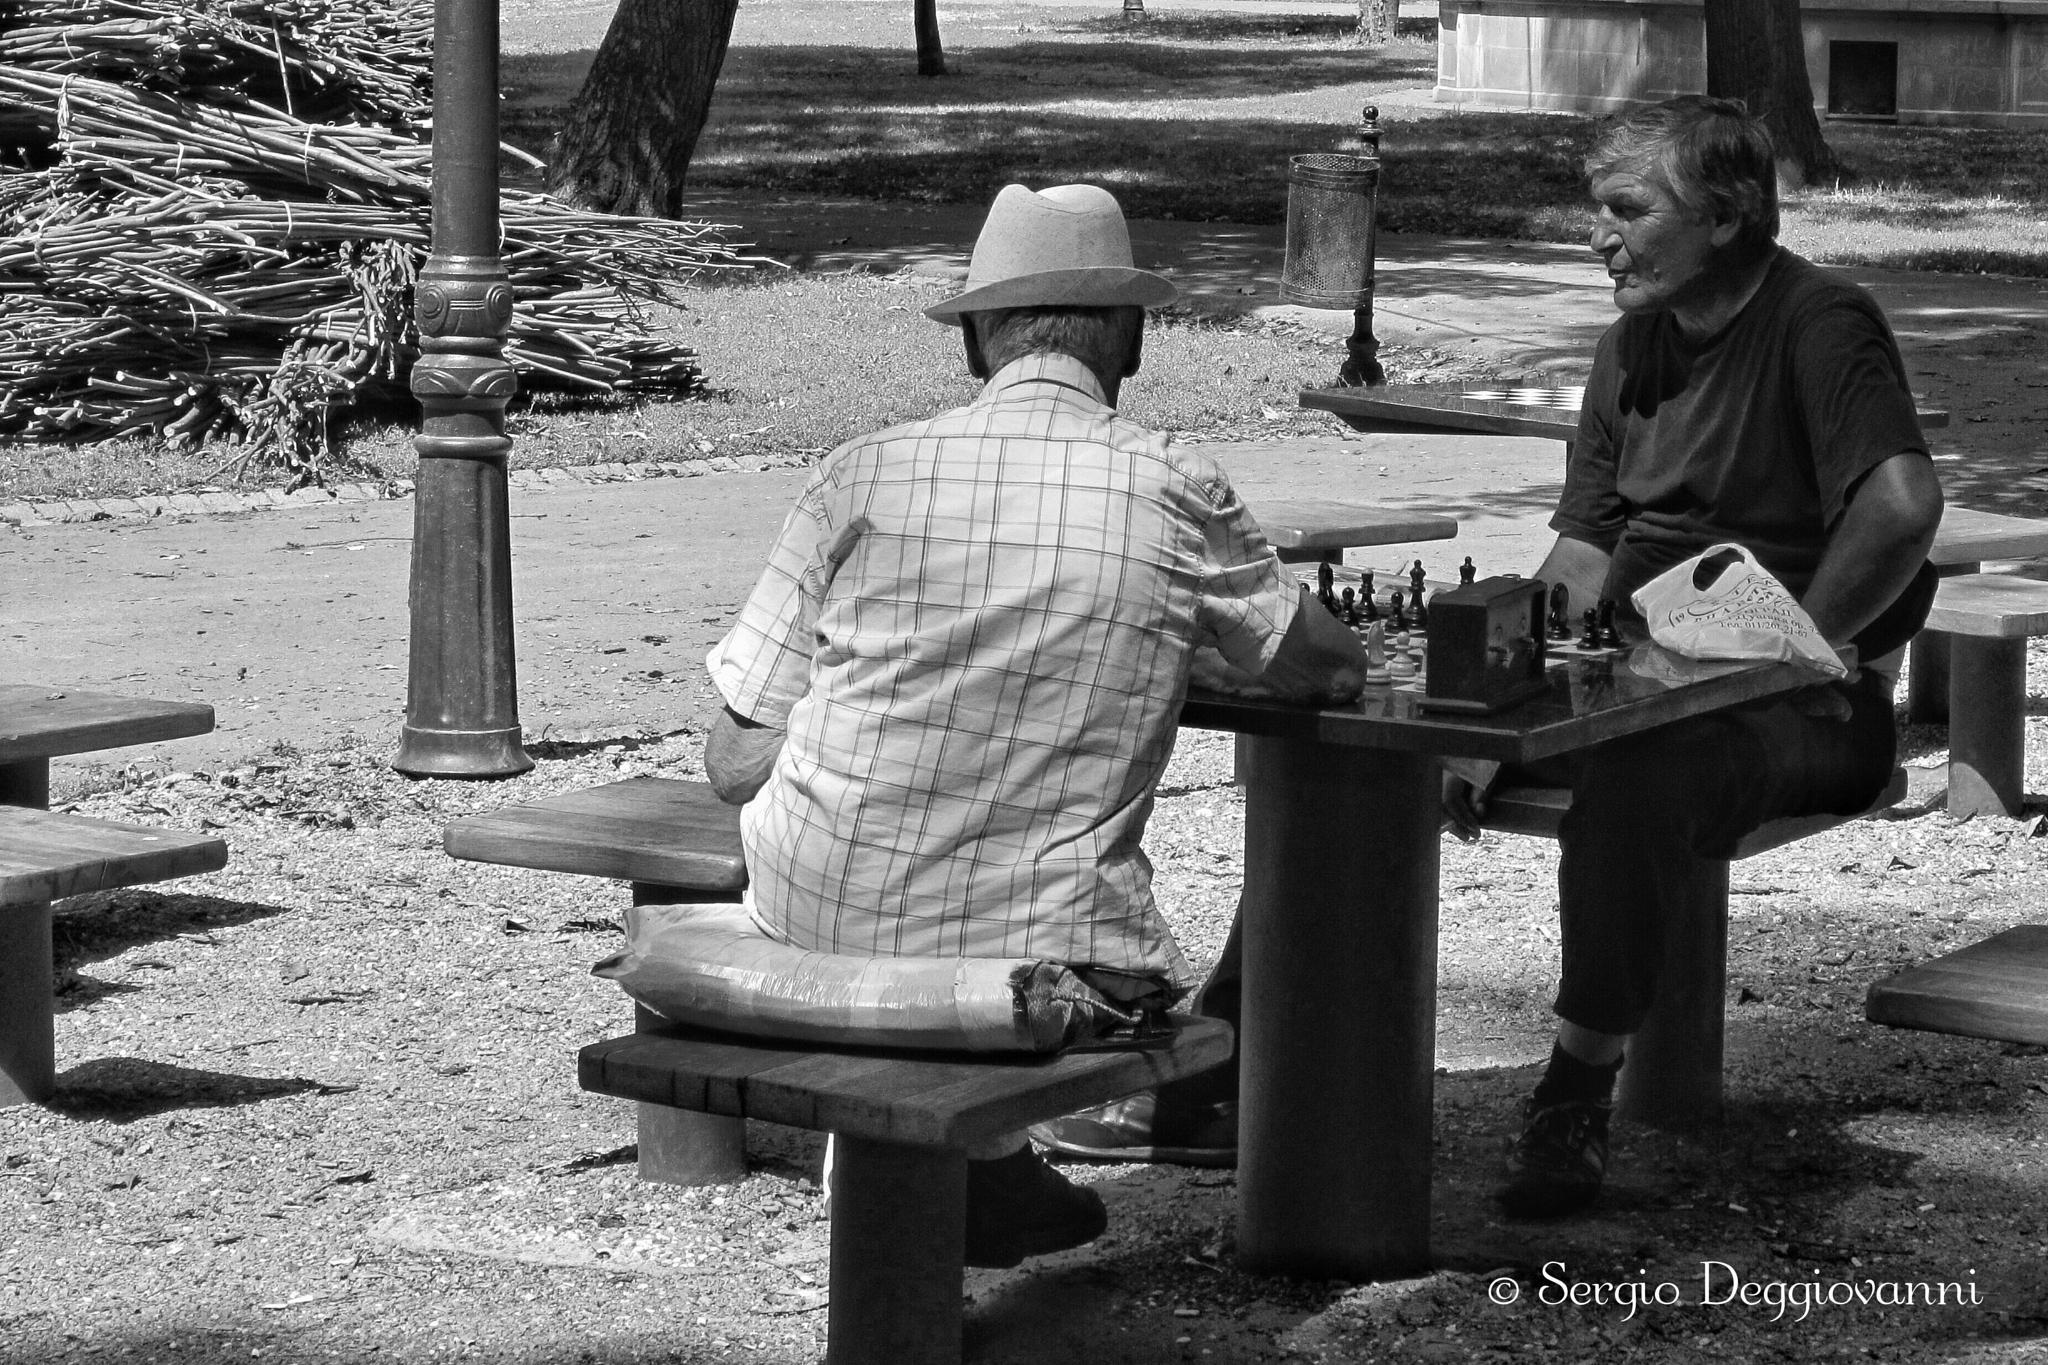 Chess game in the park by Sergio Deggiovanni